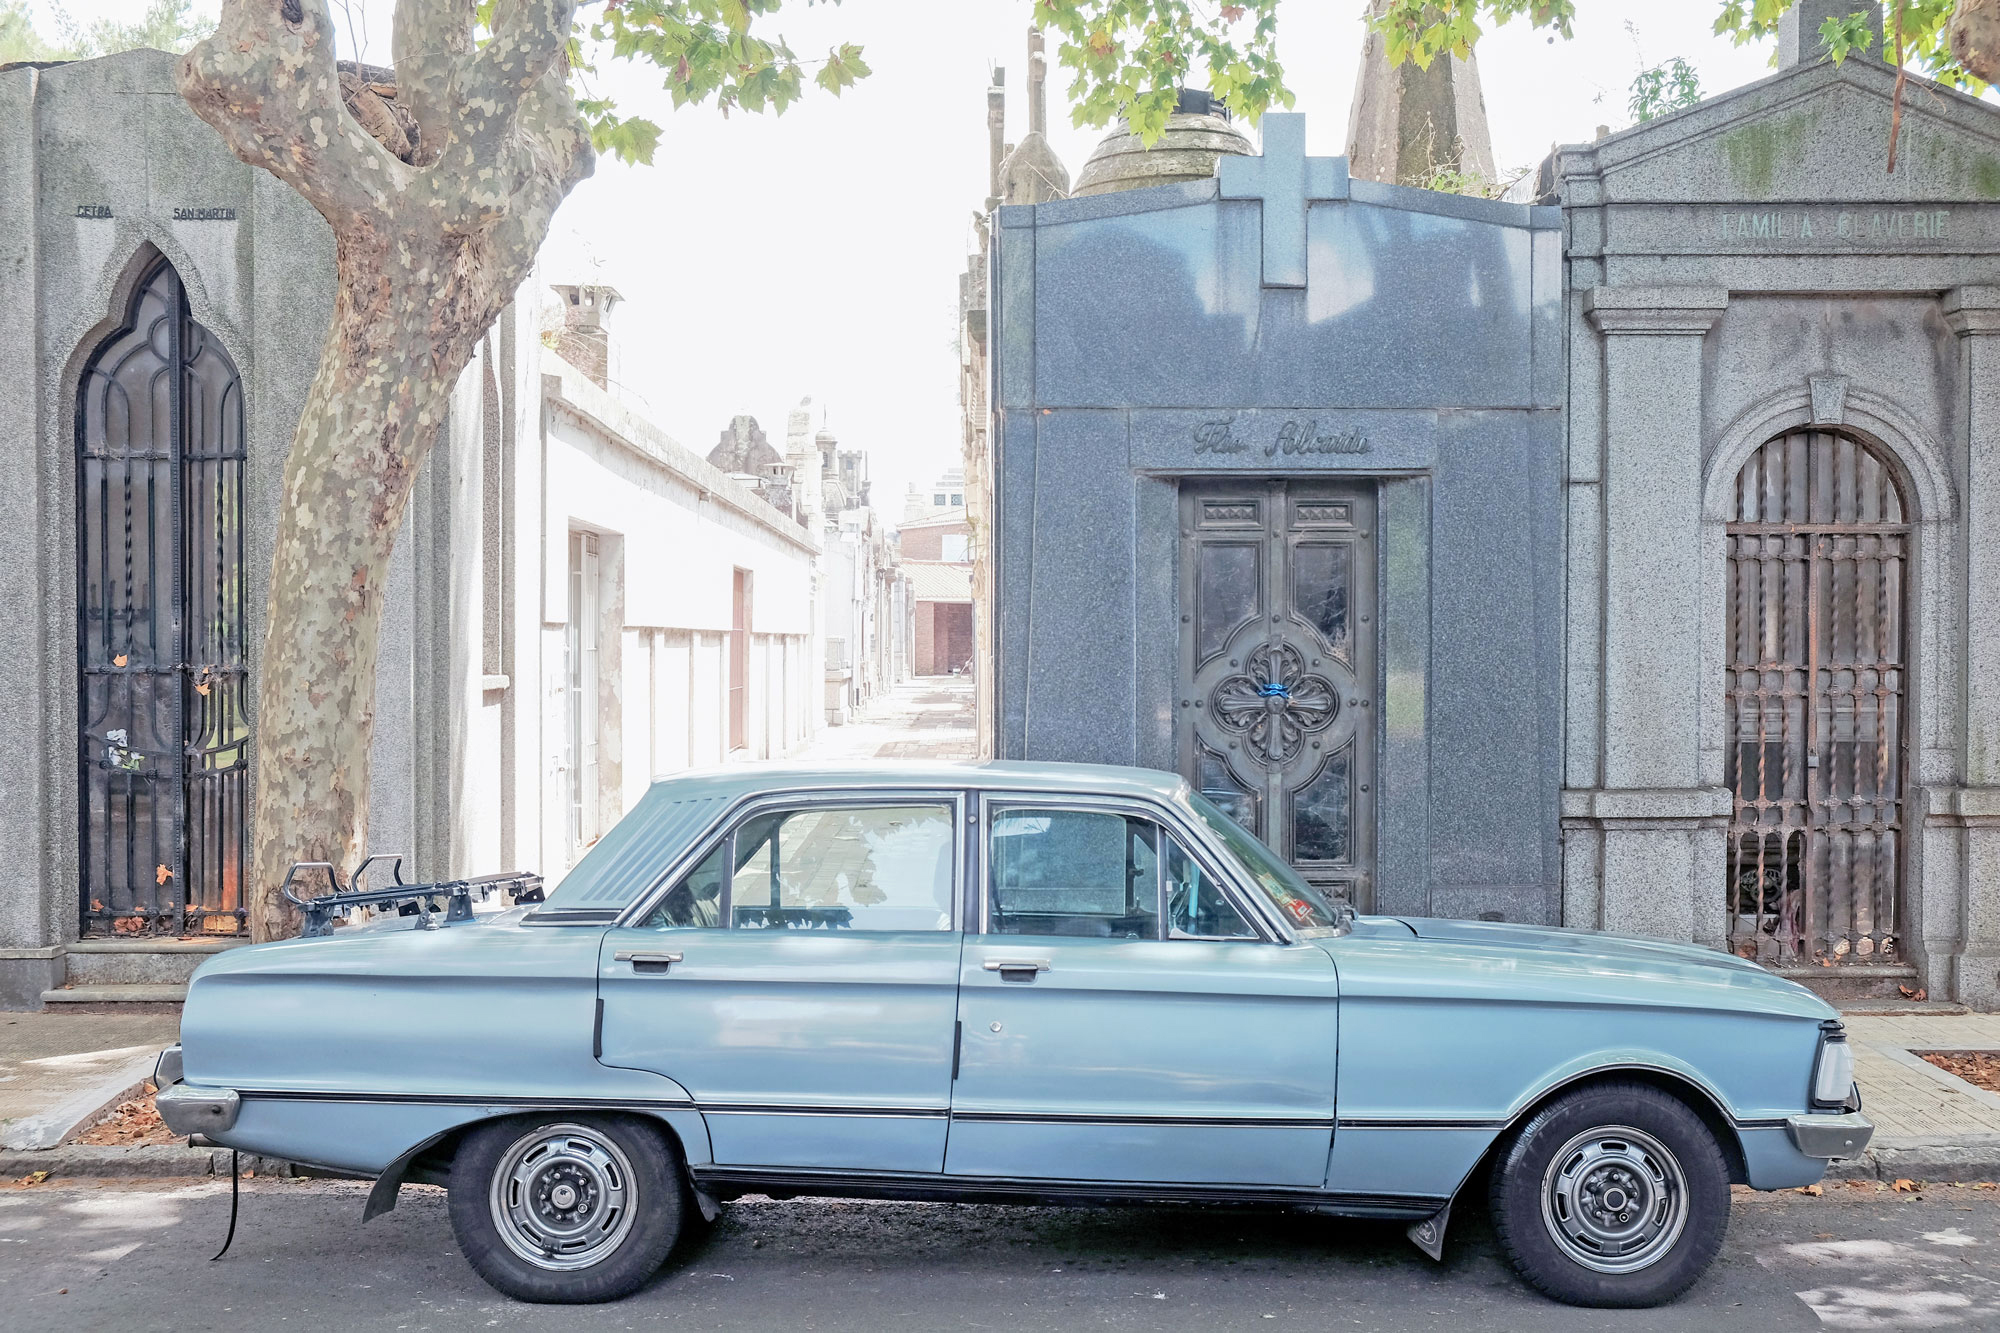 ford-falcon-cementerio-chacarita-argentina.jpg